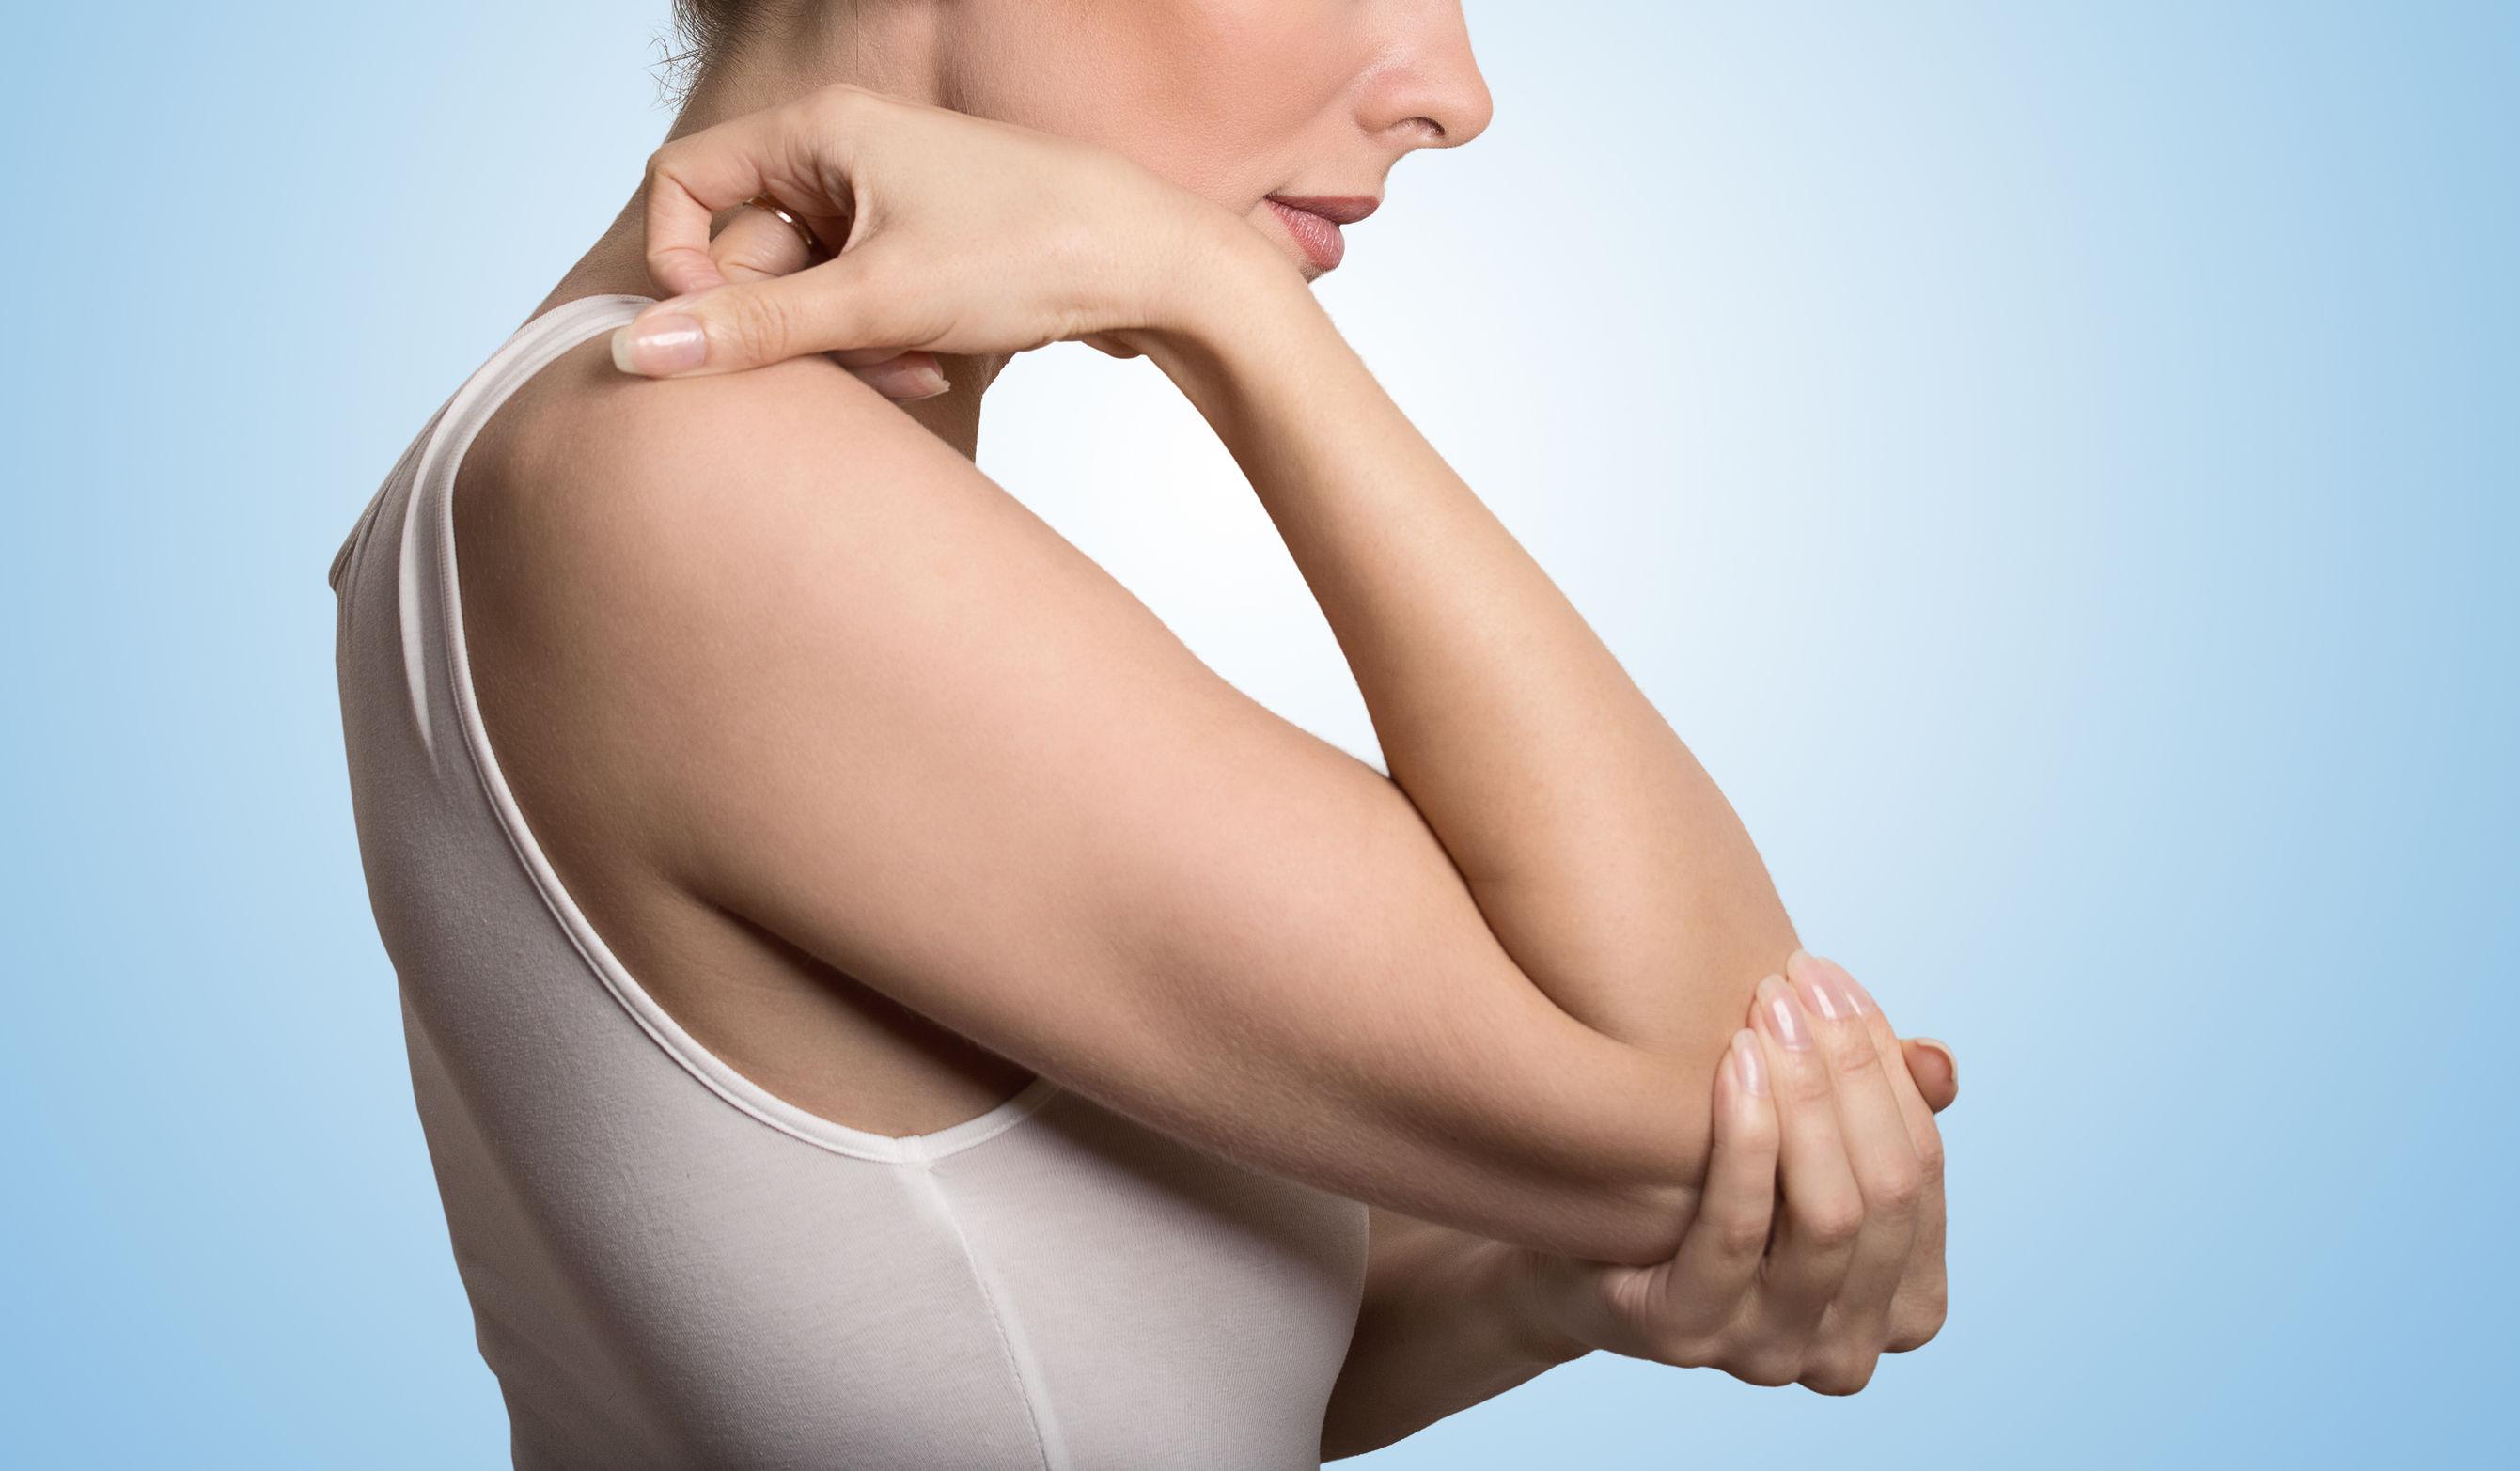 5+1 tanács, hogy leküzdje az időjárás-változásra fokozódó ízületi fájdalmat